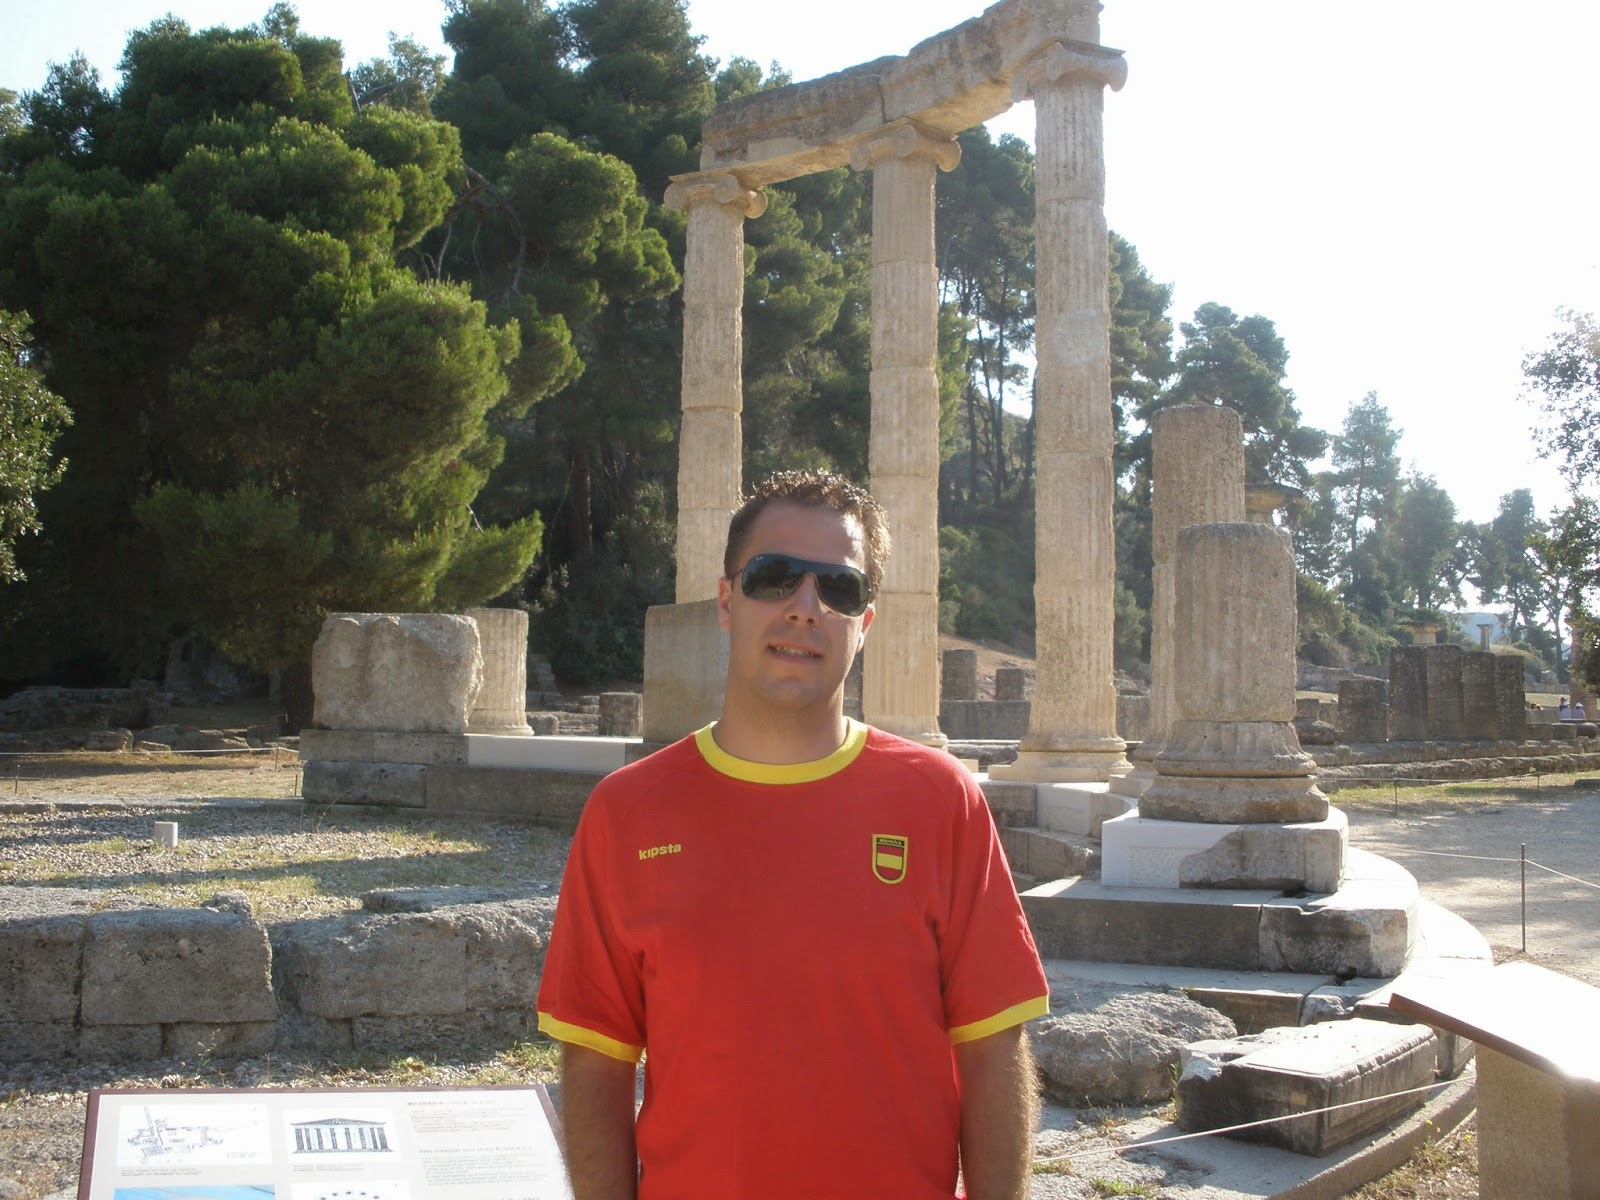 Filipeo, monumento circular con columnas a su alrededor